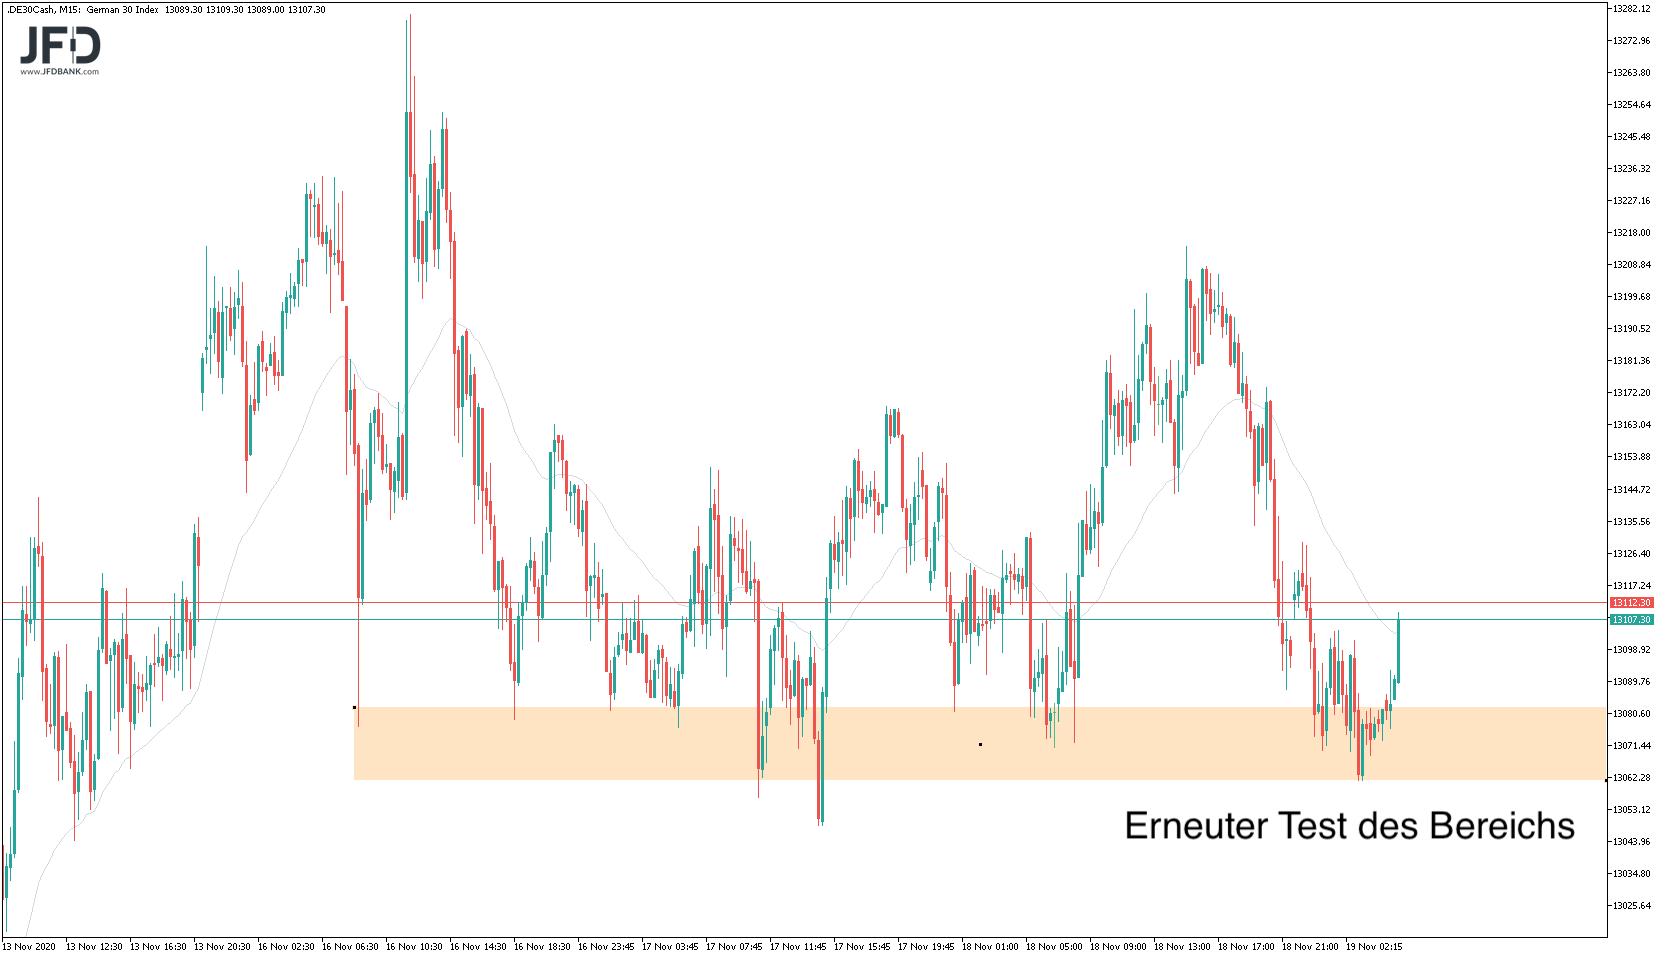 Die-Range-bleibt-weiter-das-dominante-Element-im-DAX-Chart-Kommentar-JFD-Bank-GodmodeTrader.de-7